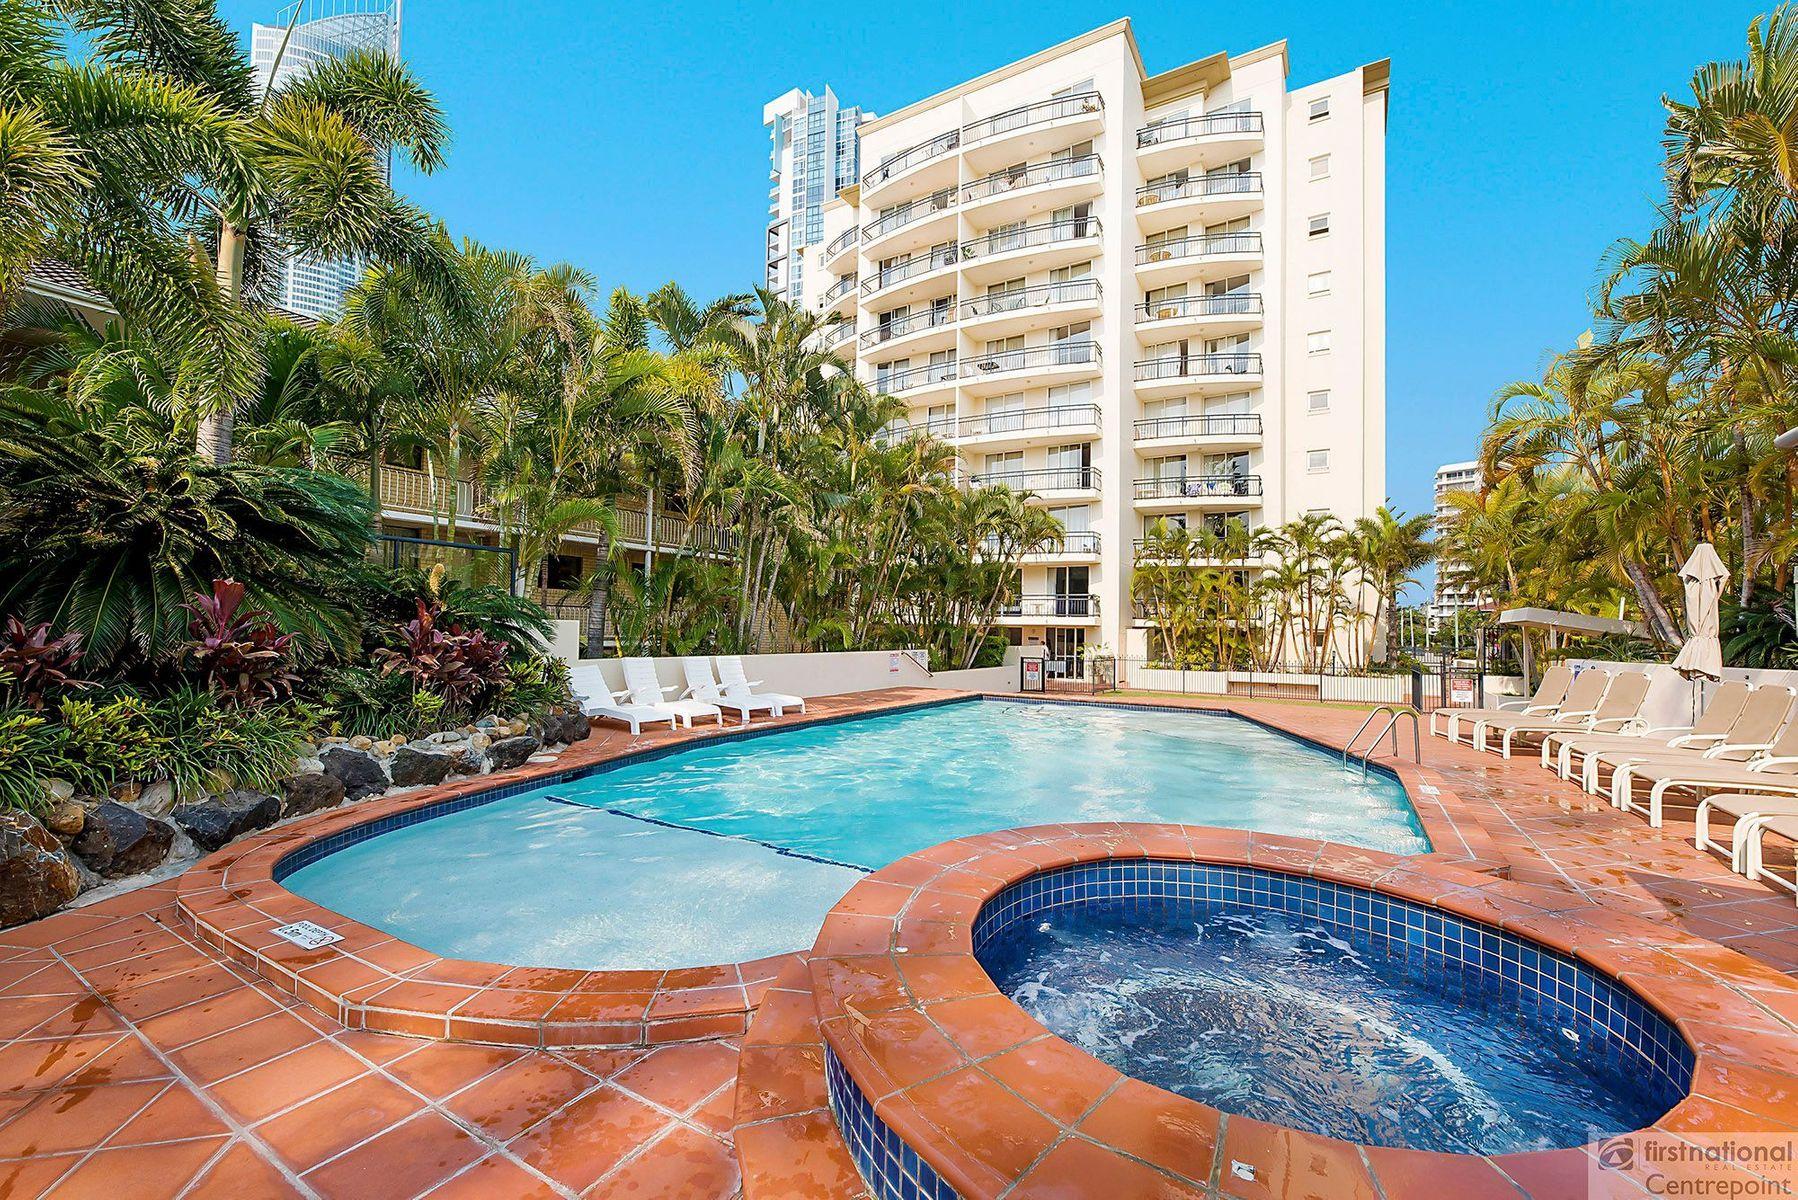 3/15-17 River Terrace, Surfers Paradise, QLD 4217